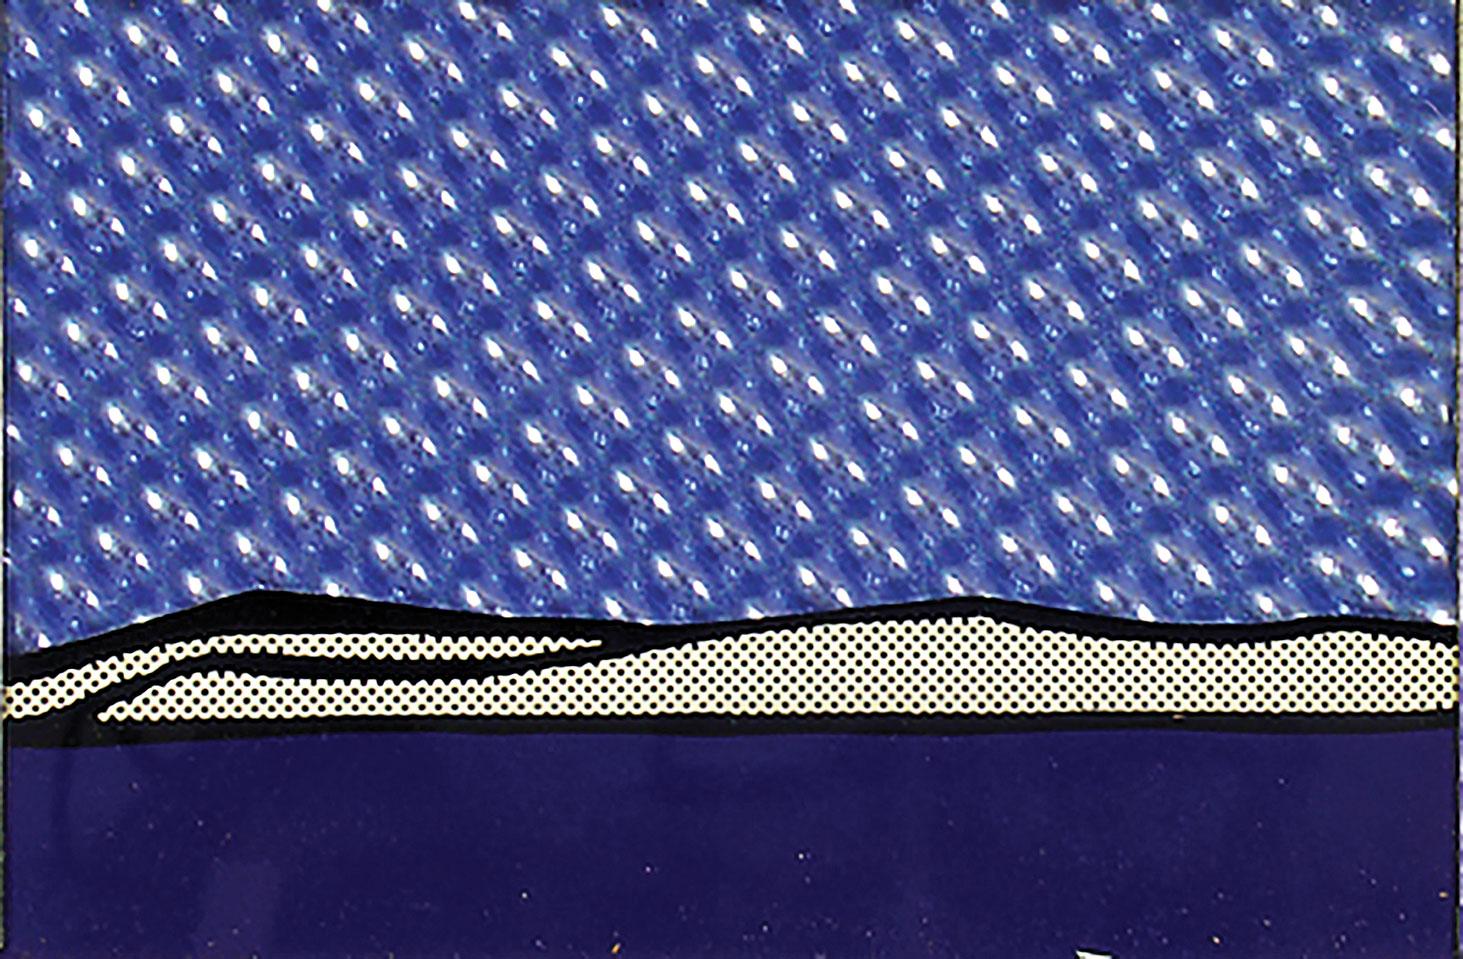 Seascape by Roy Lichtenstein